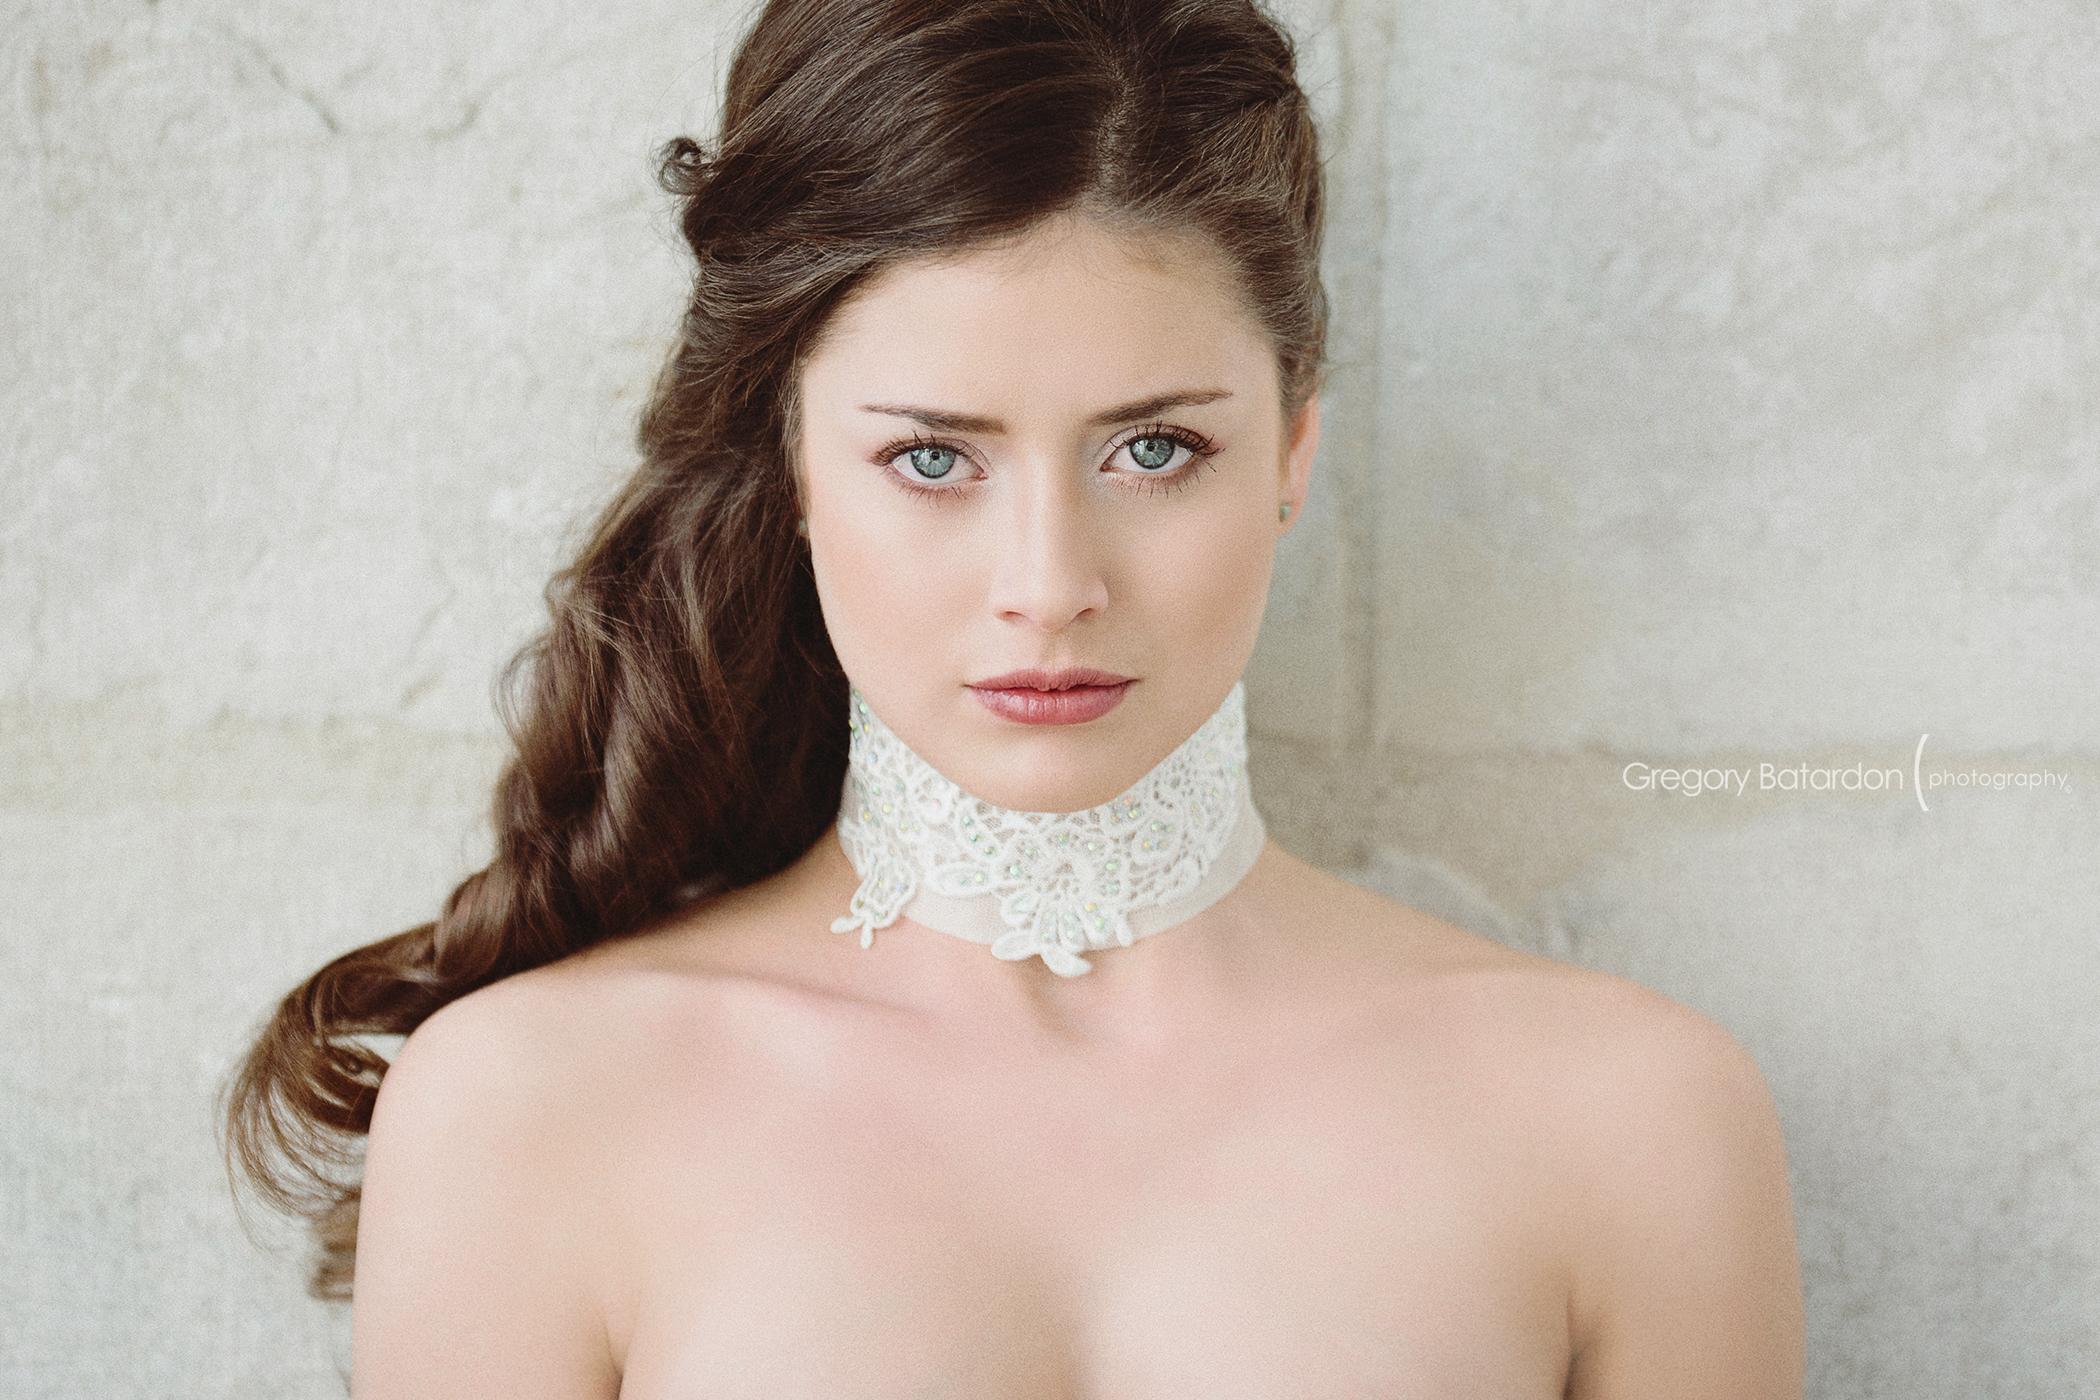 Fanny Oihenart